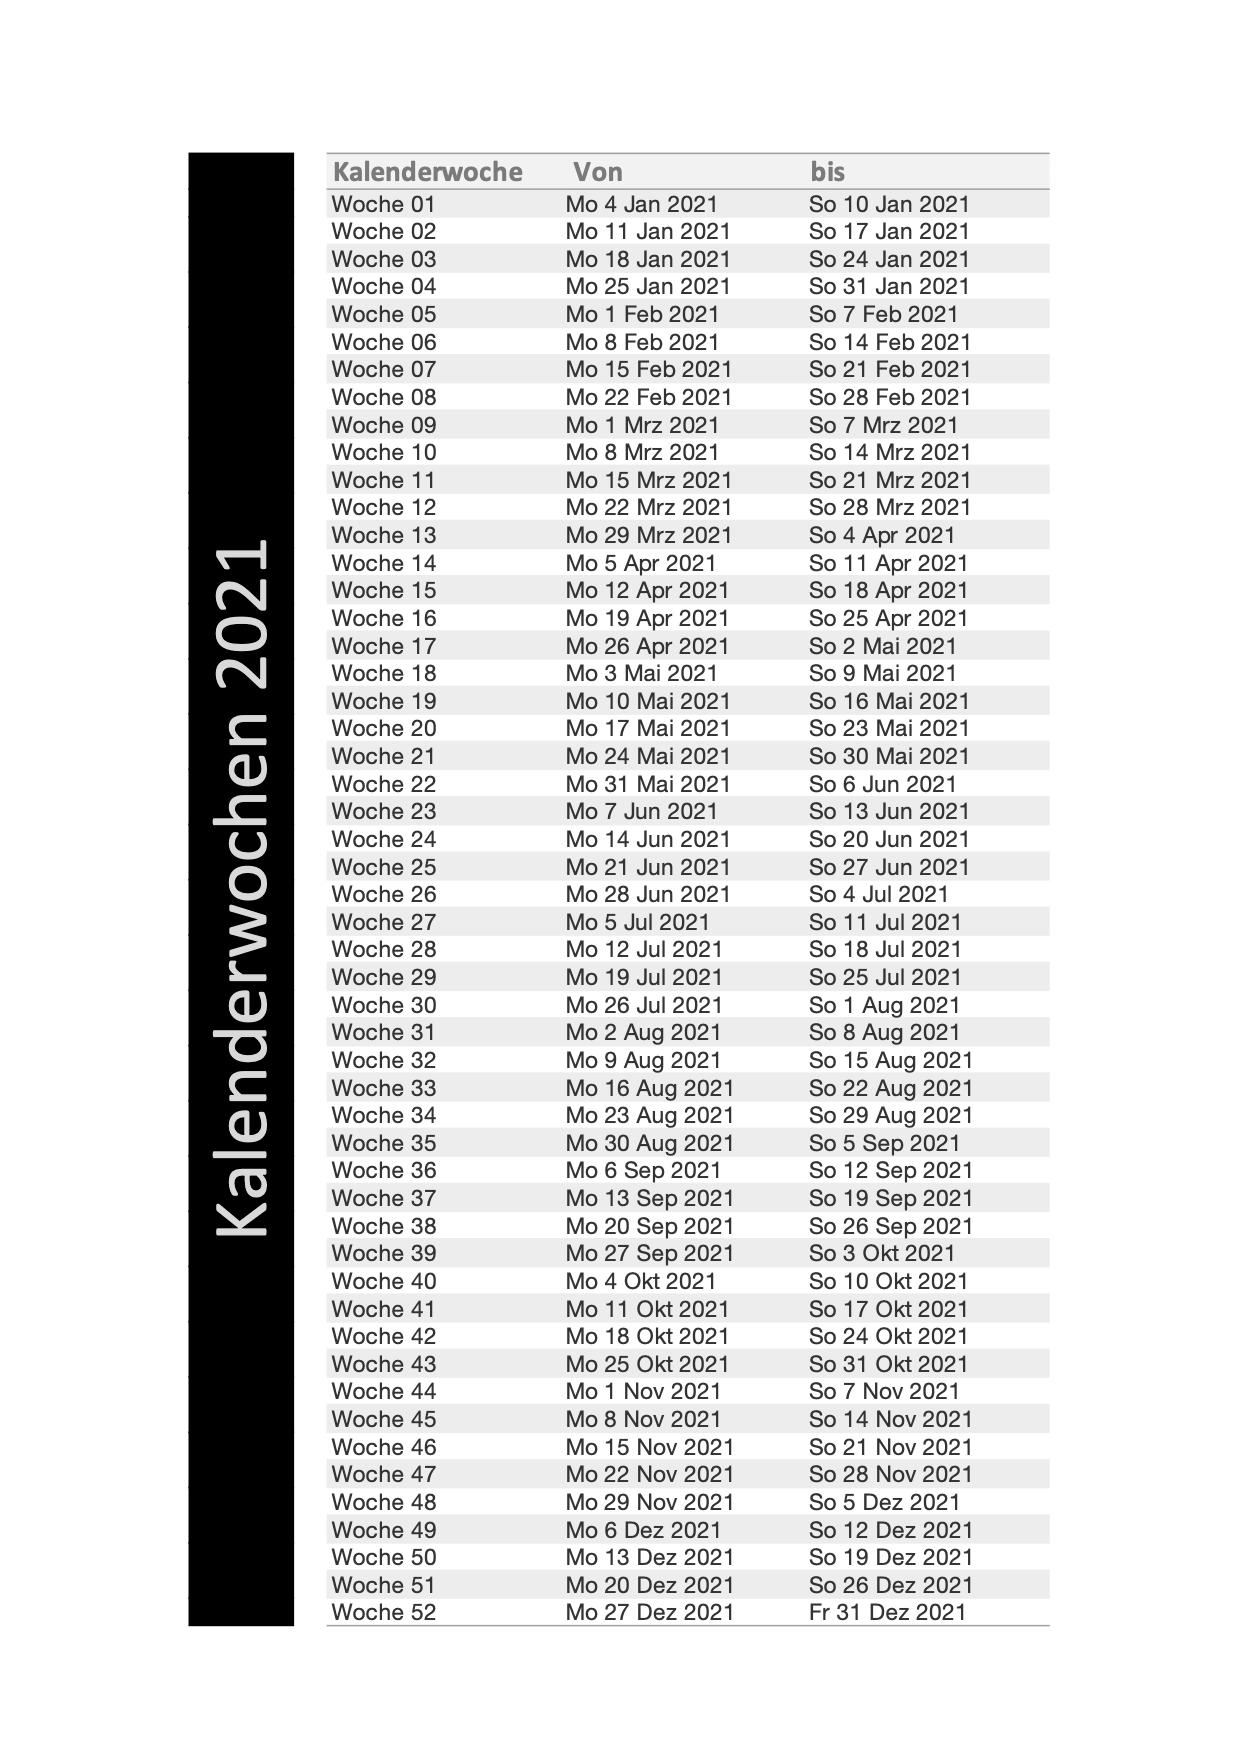 Kalenderwochen 2021 Schweiz